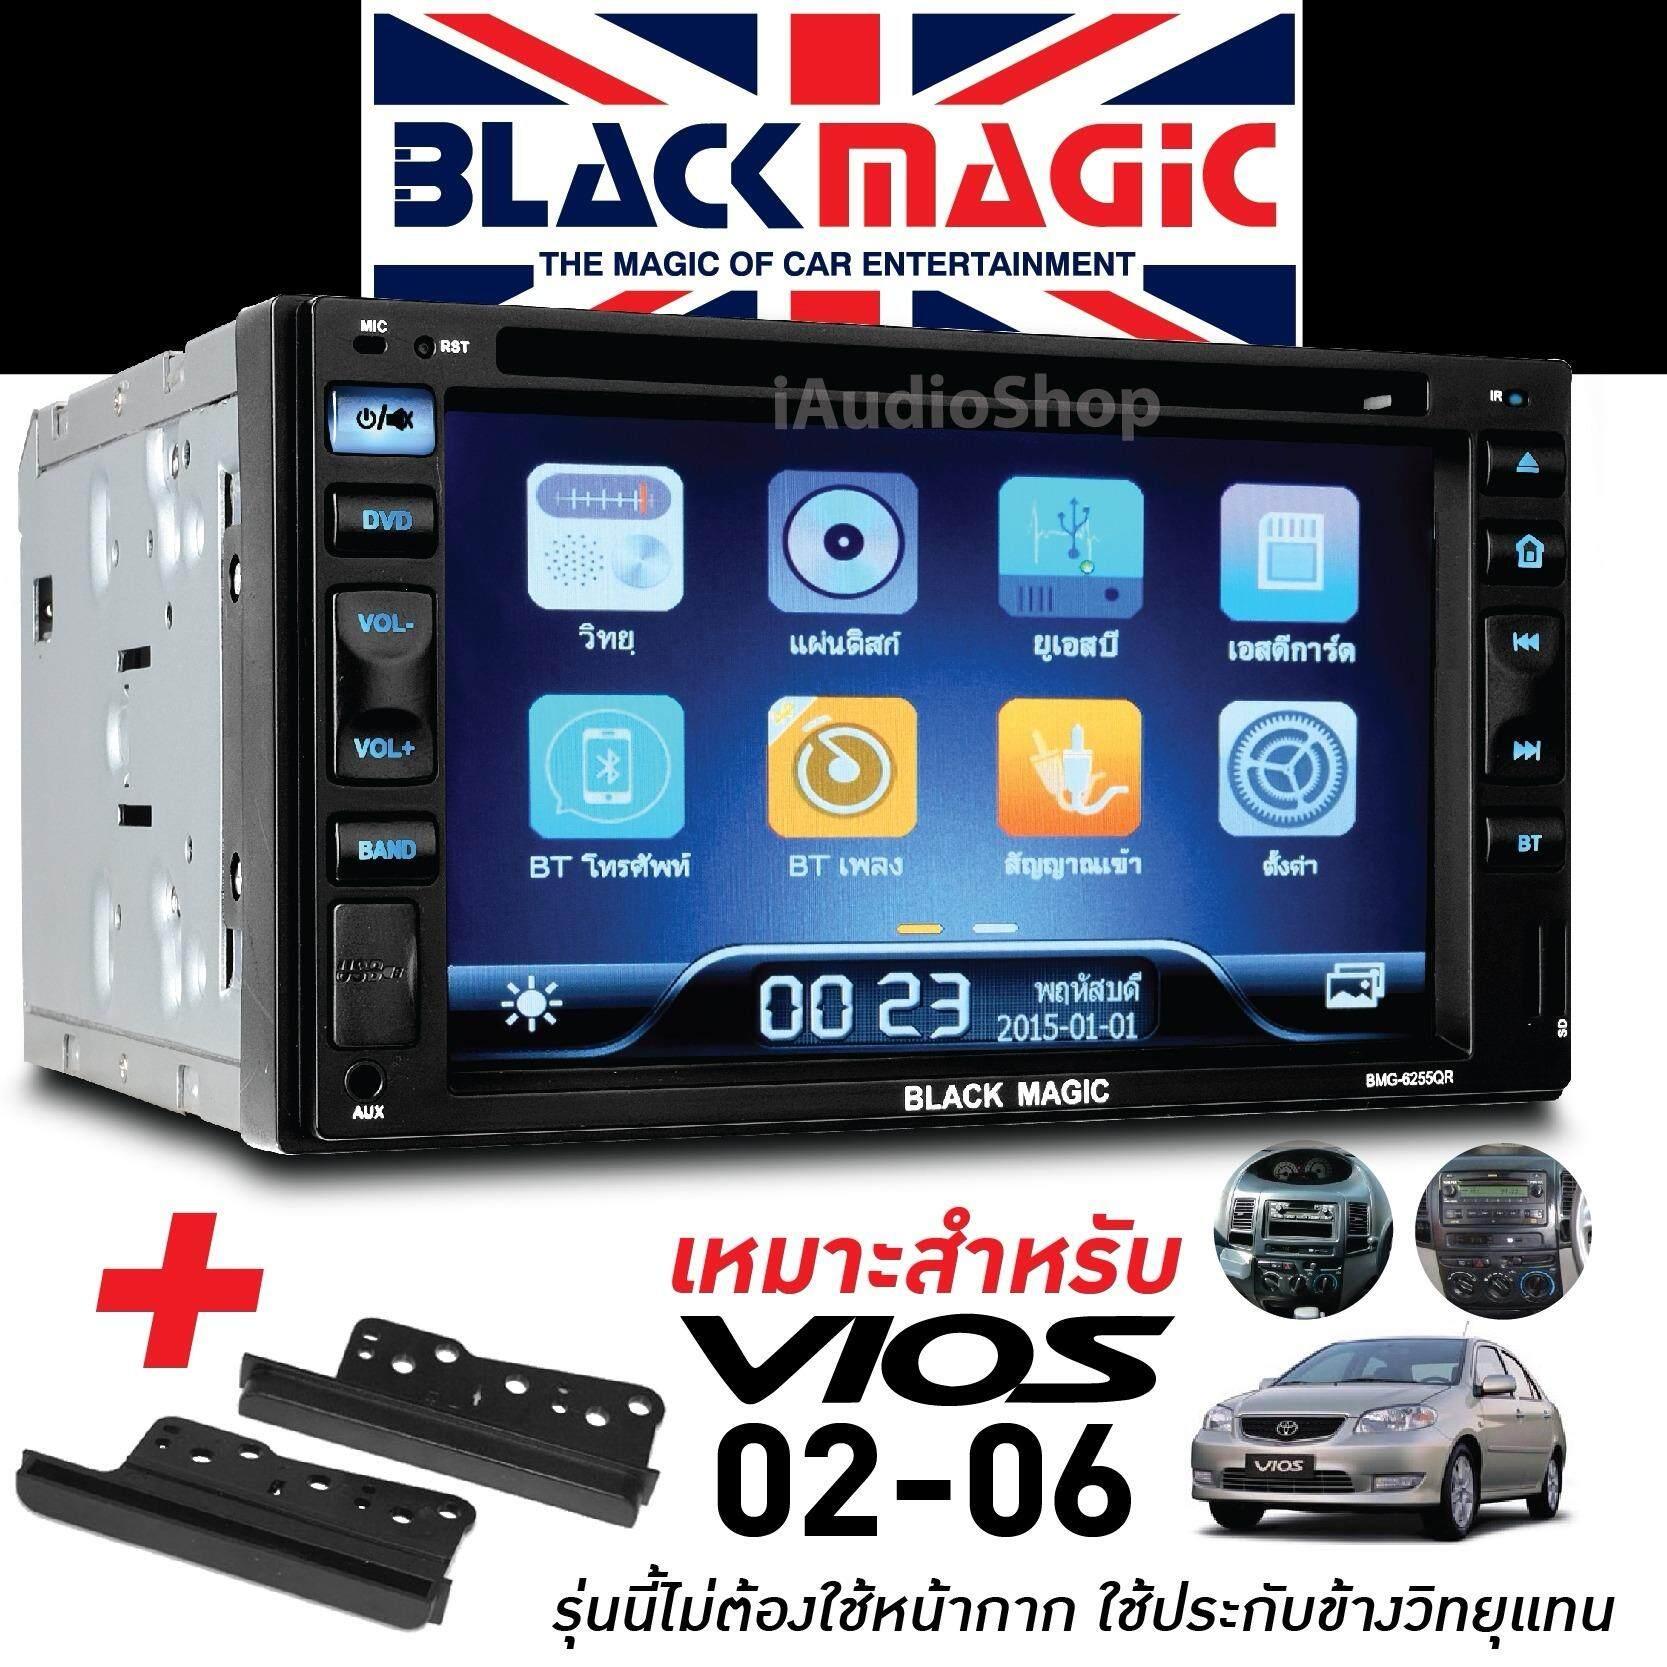 ขาย ซื้อ ออนไลน์ Black Magic วิทยุติดรถยนต์ จอติดรถยนต์ จอ2ดิน จอ2Din เครื่องเล่นติดรถยนต์ เครื่องเสียงรถยนต์ ตัวรับสัญญาณแบบสเตอริโอ แบบ 2Din Bmg 6255Qr ขนาด6 25นิ้ว แถม ประกับข้างวิทยุ เหมาะกับ Toyota Vios 02 06